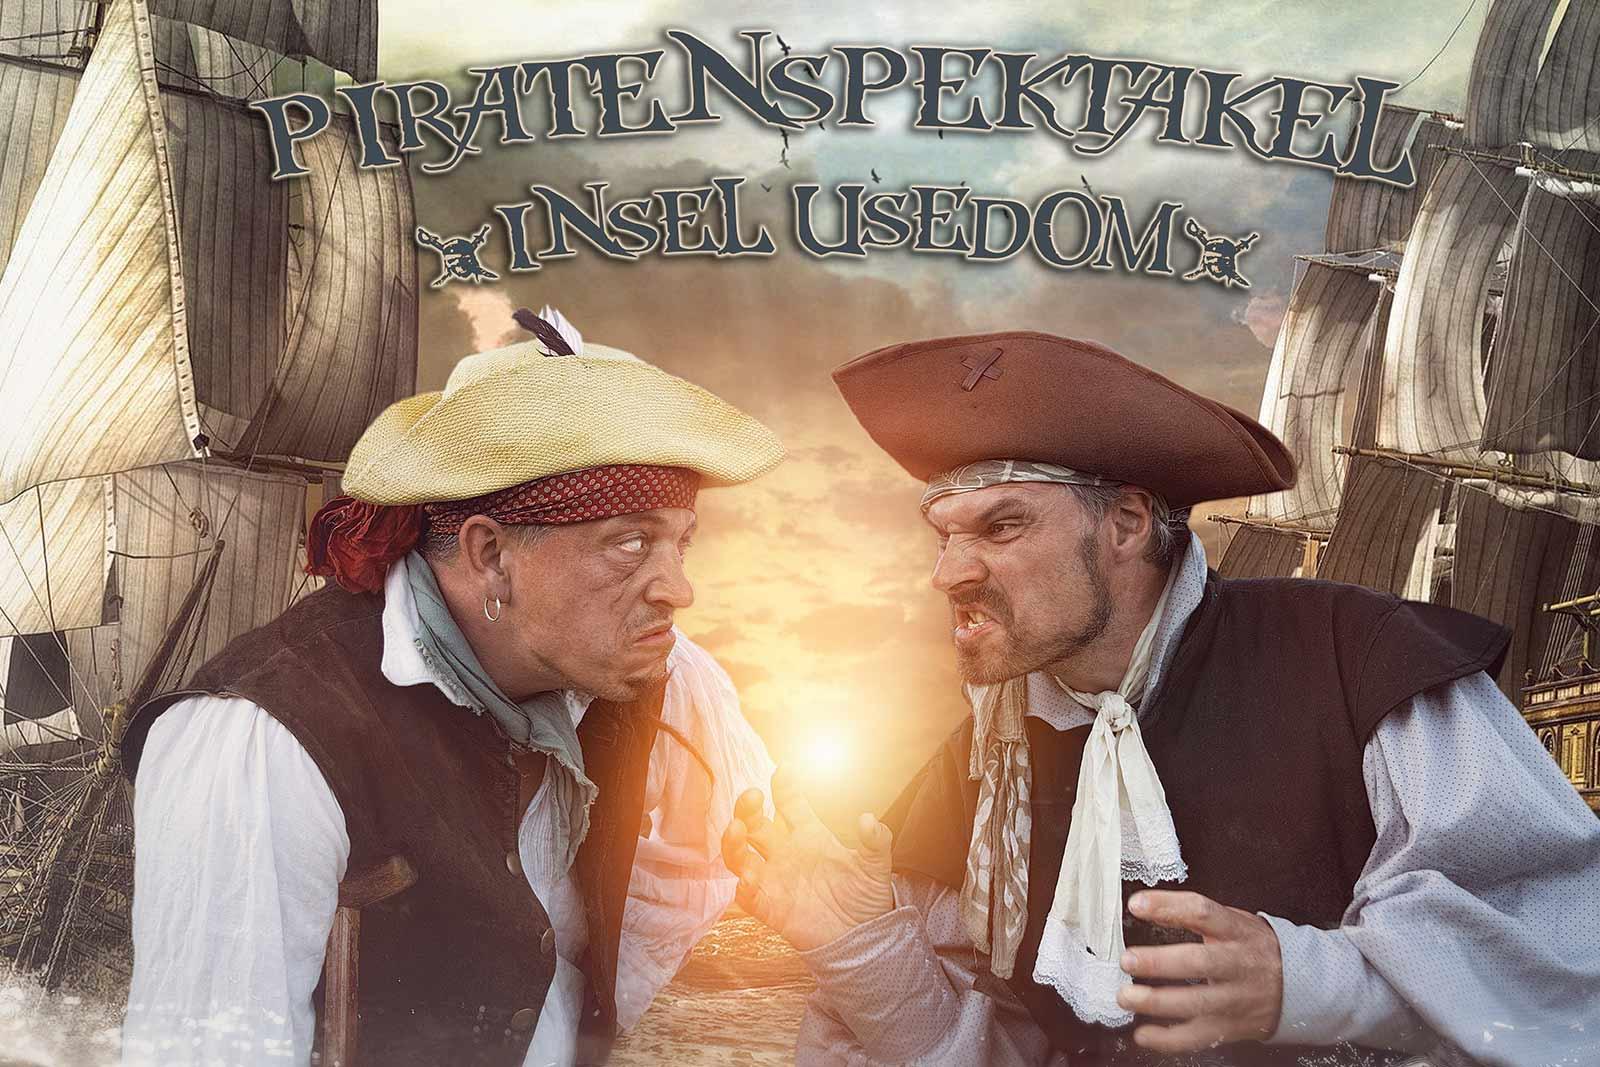 Digital Art Werbung Piraten Fotograf Insel Usedom Werbung